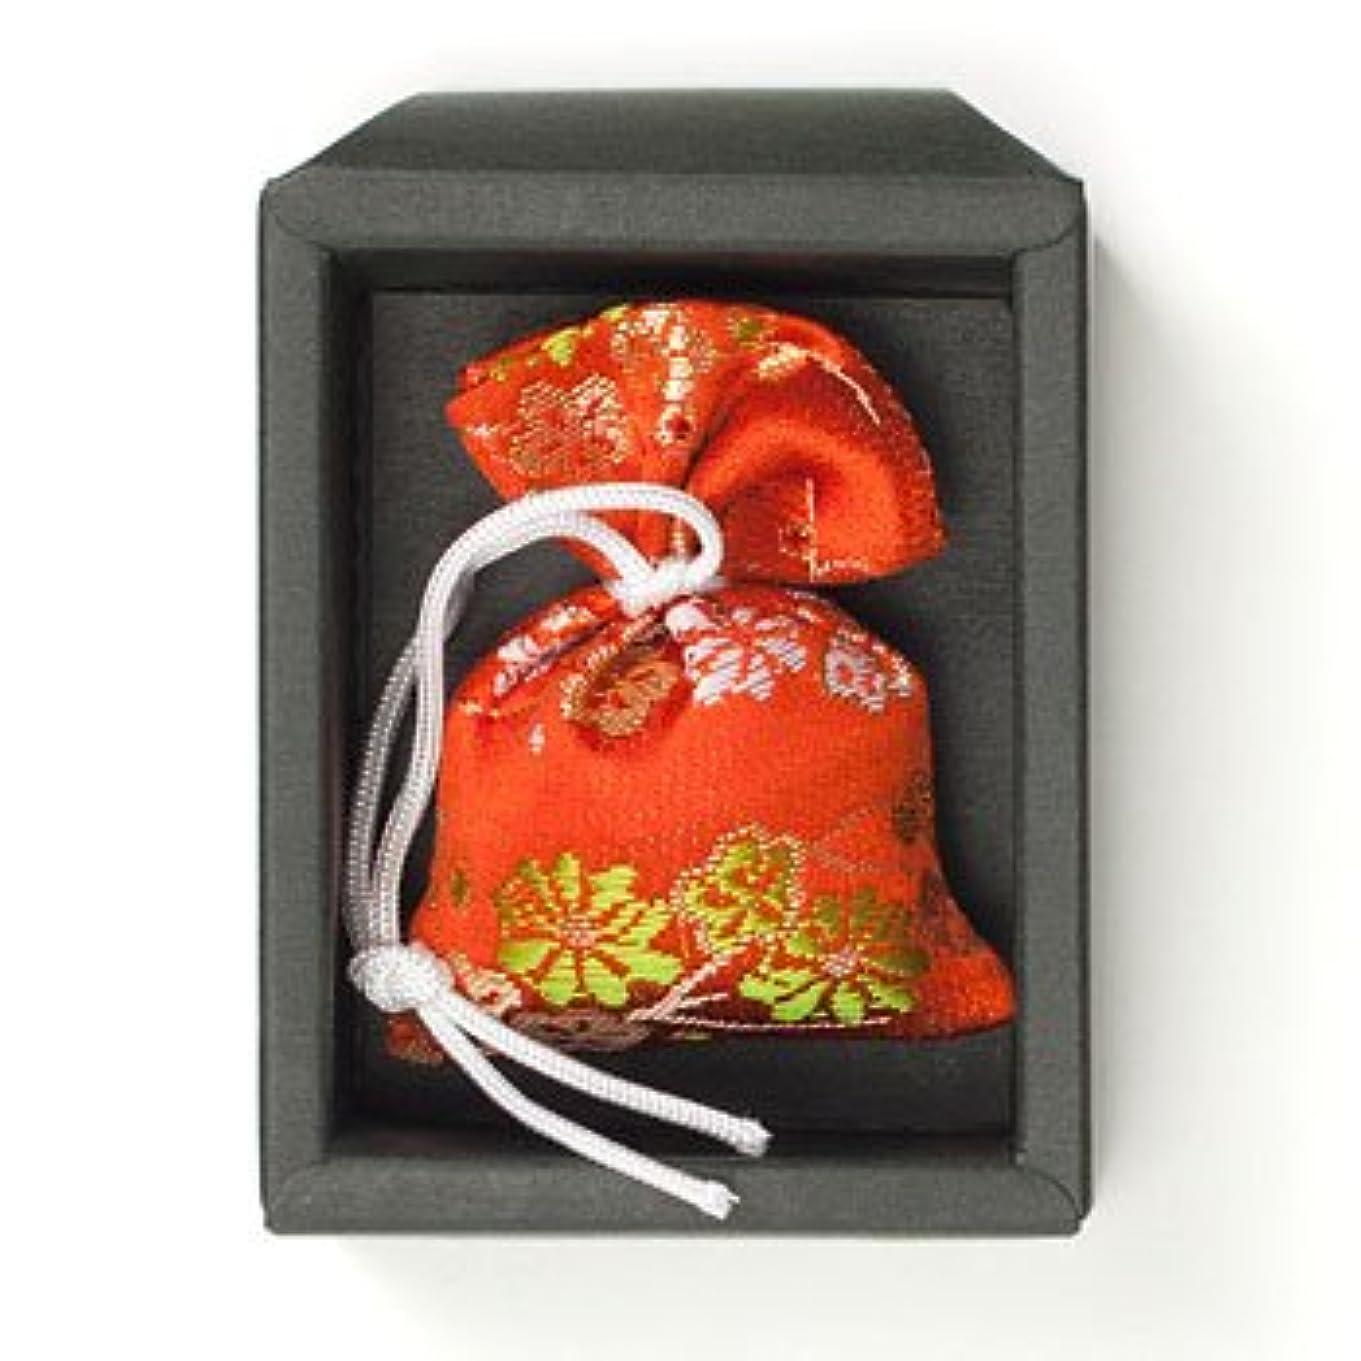 ジャンルしかしながらリフレッシュ匂い袋 誰が袖 極品 1個入 松栄堂 Shoyeido 本体長さ60mm (色?柄は選べません)